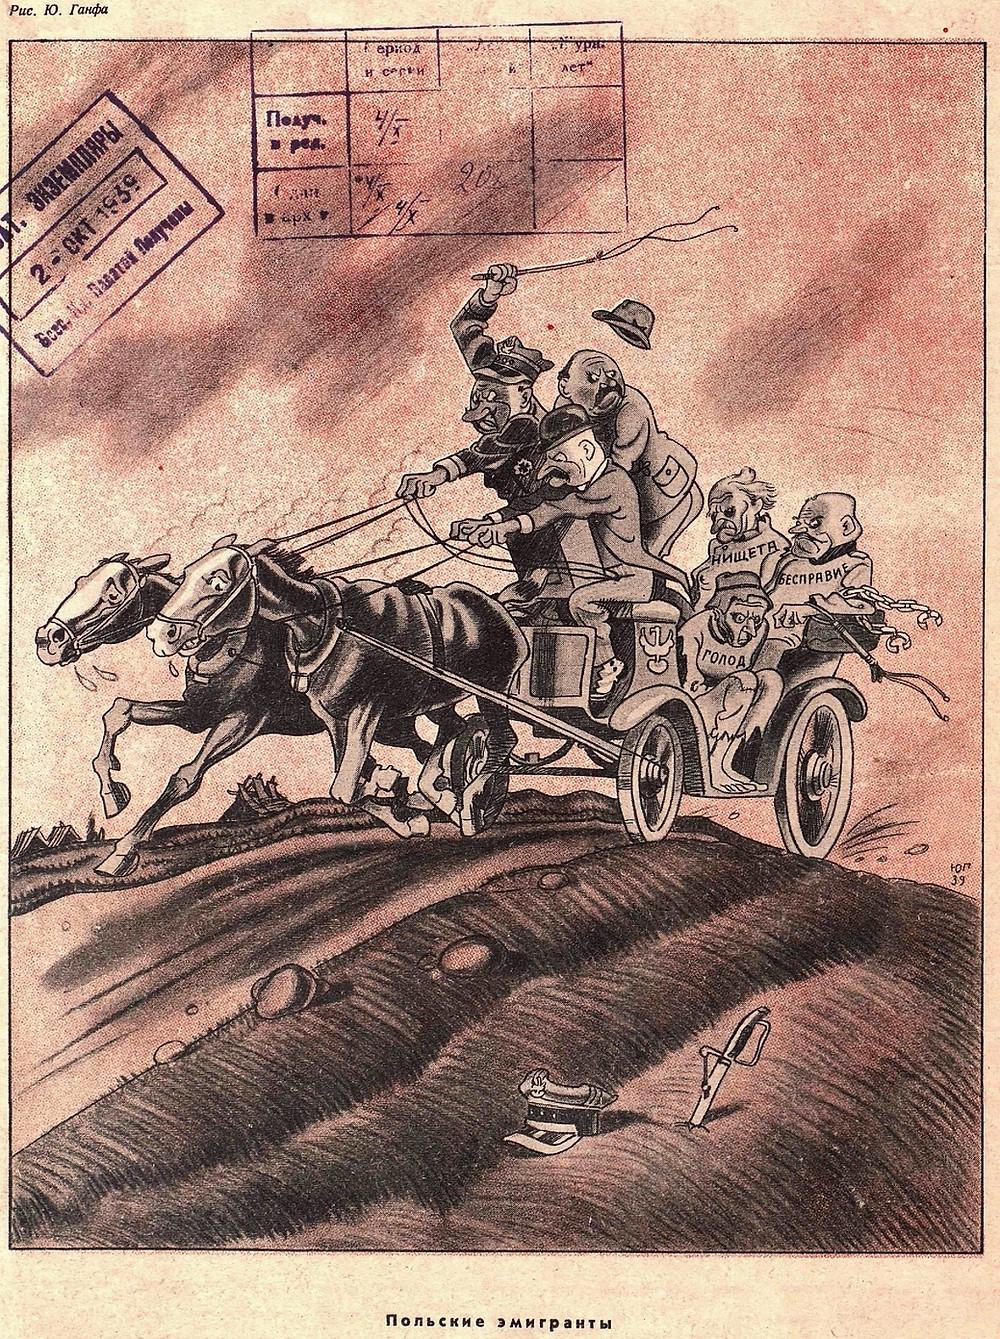 Журнал крокодил 1939г, №26. Секретный пакт Молотова, оккупация Польши. Комиксы СССР.